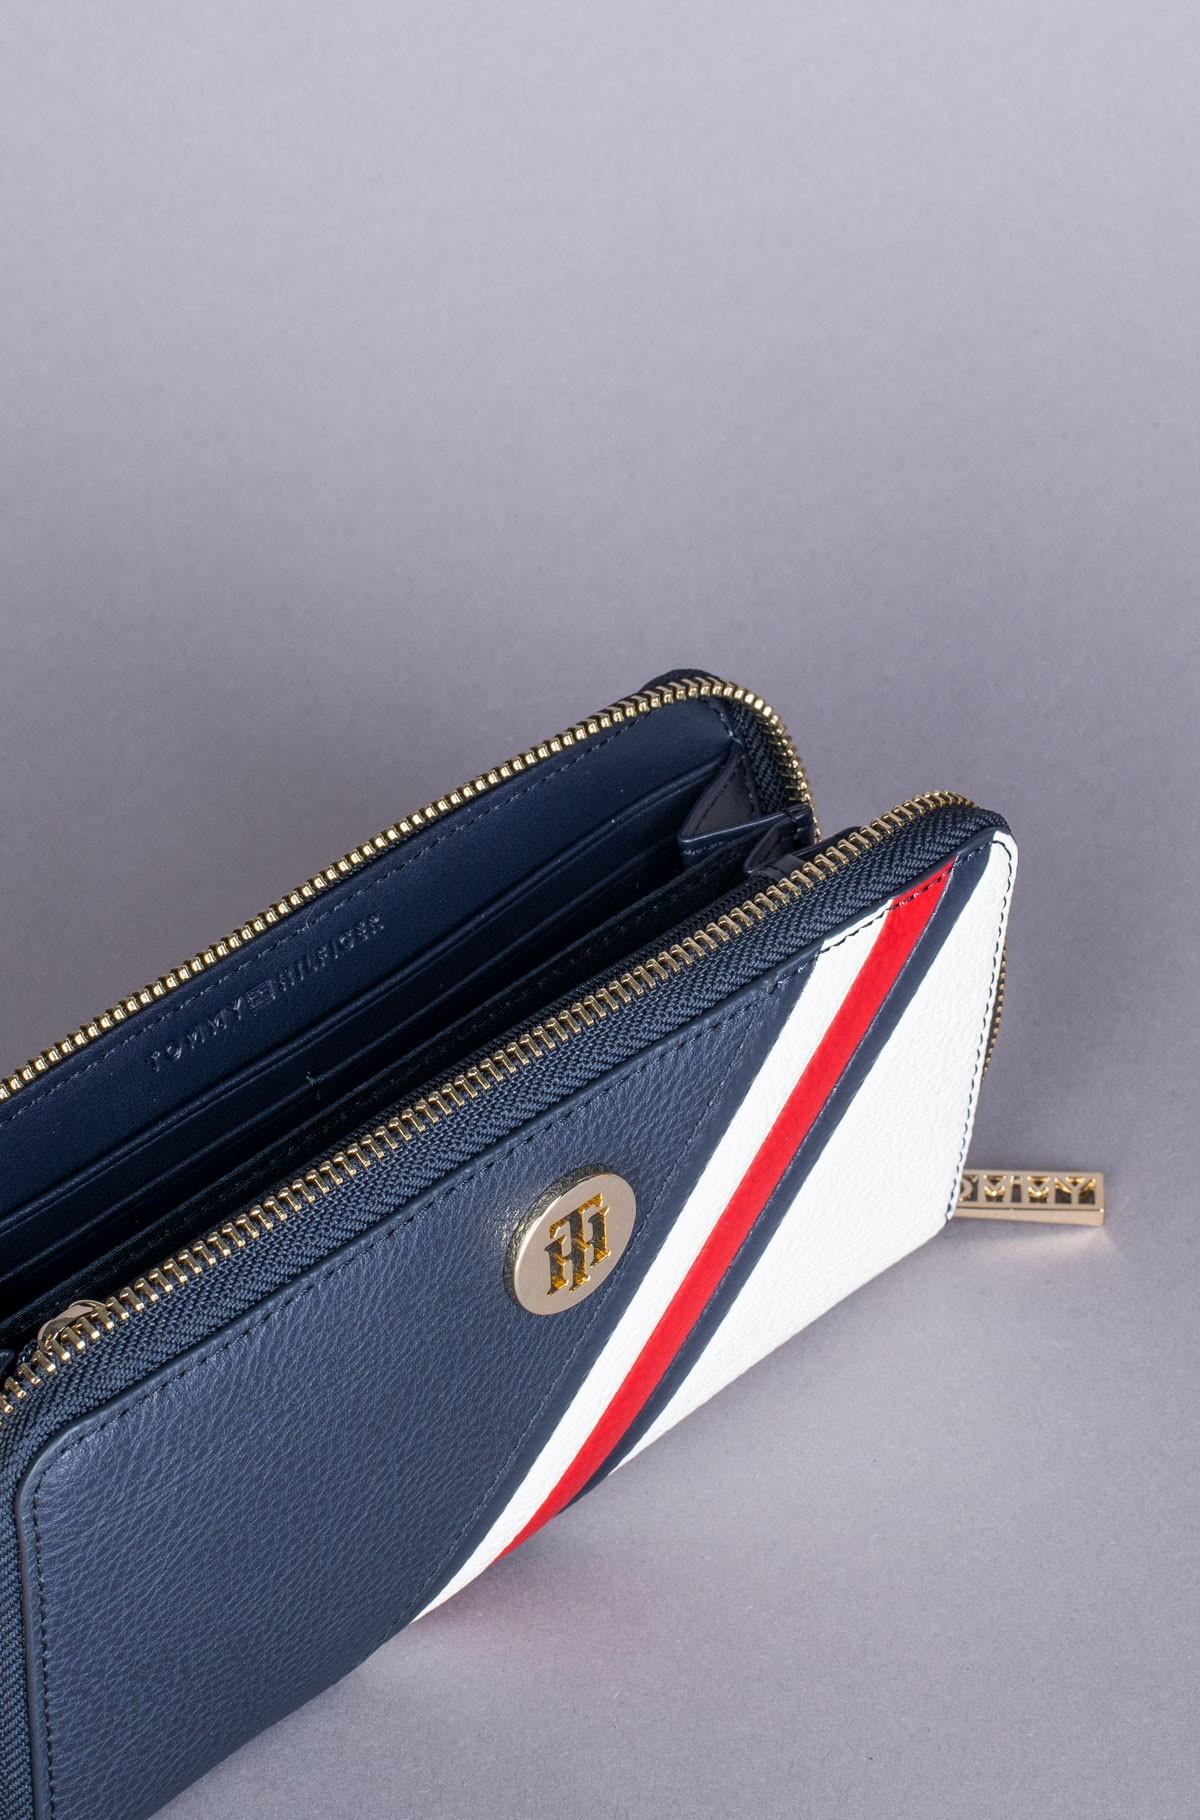 Piniginė ir raktų pakabukas dovanų dėžutėje GP TH CORE LRG ZA W KEYFOB-full-3